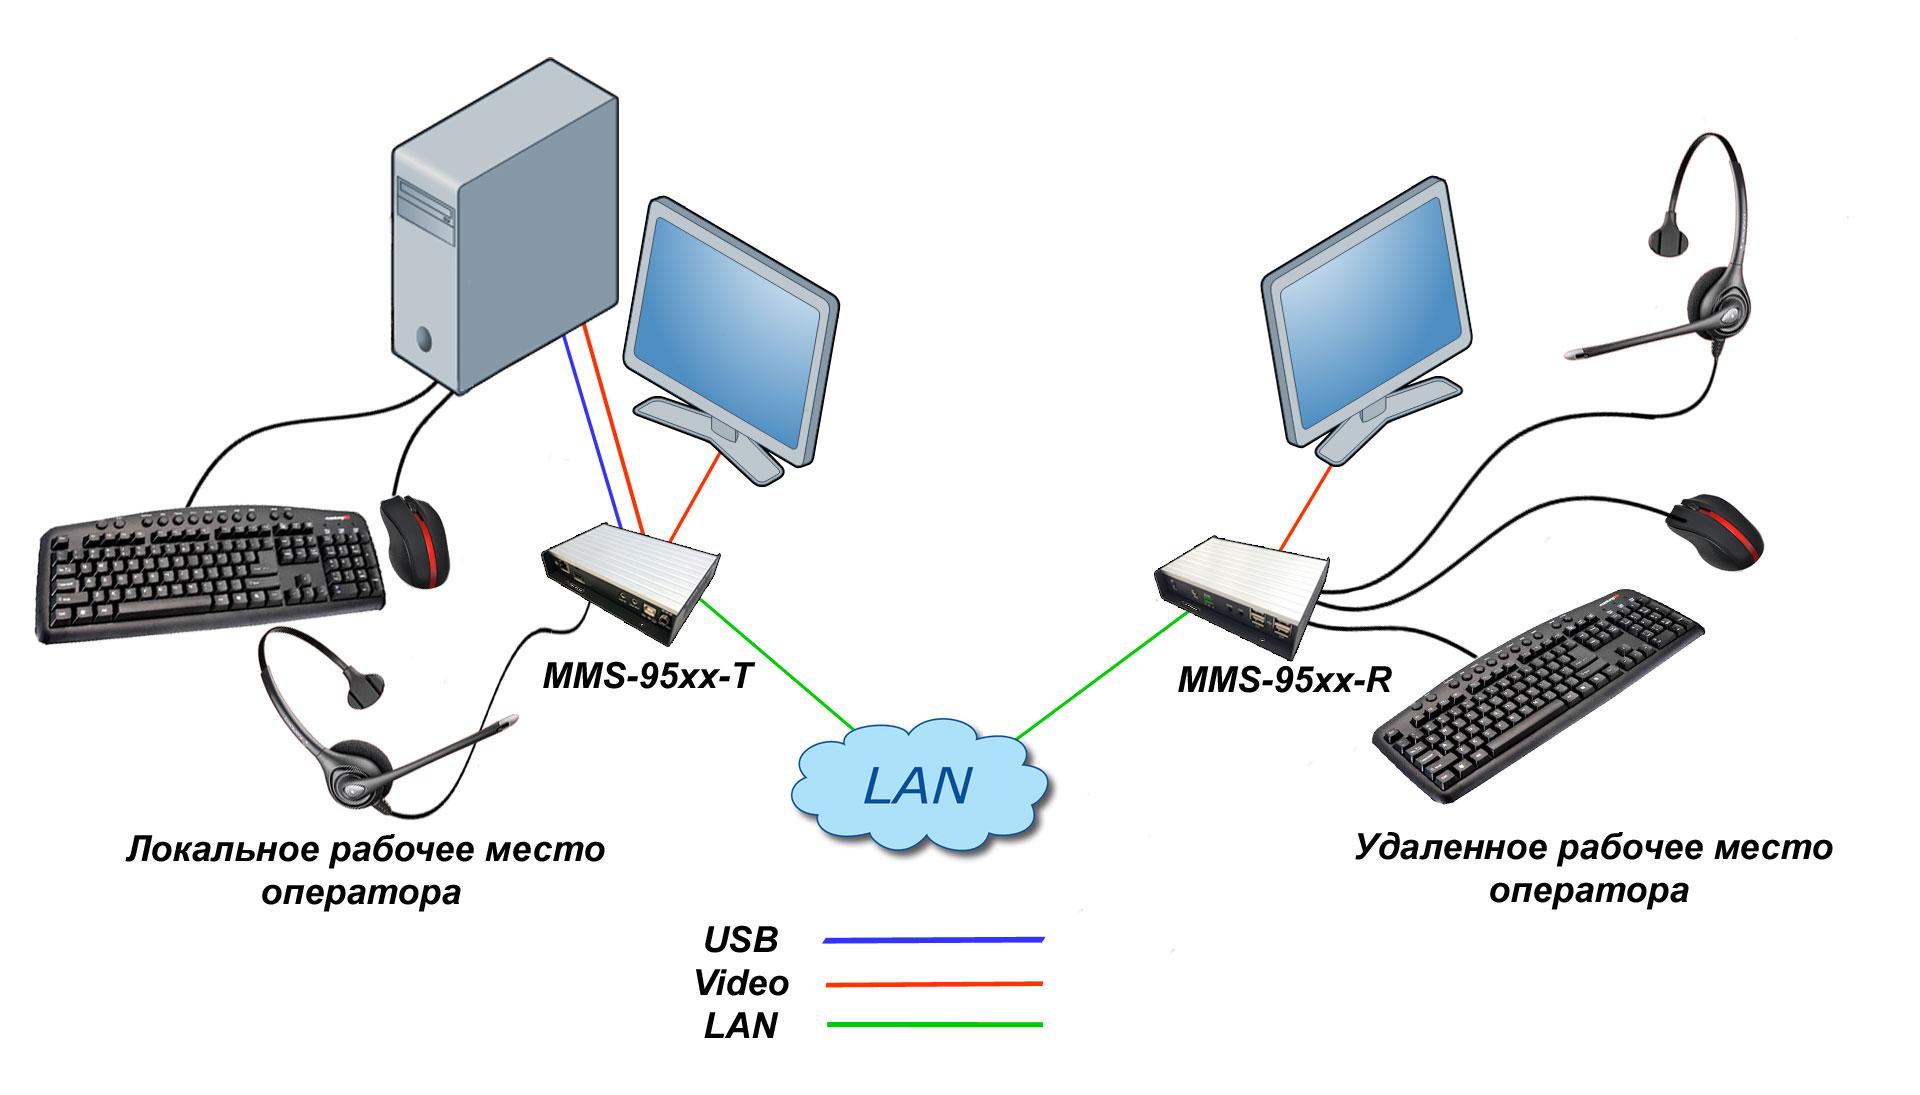 схема подключения удлинителя серии MMS-95xx с гарнитурой